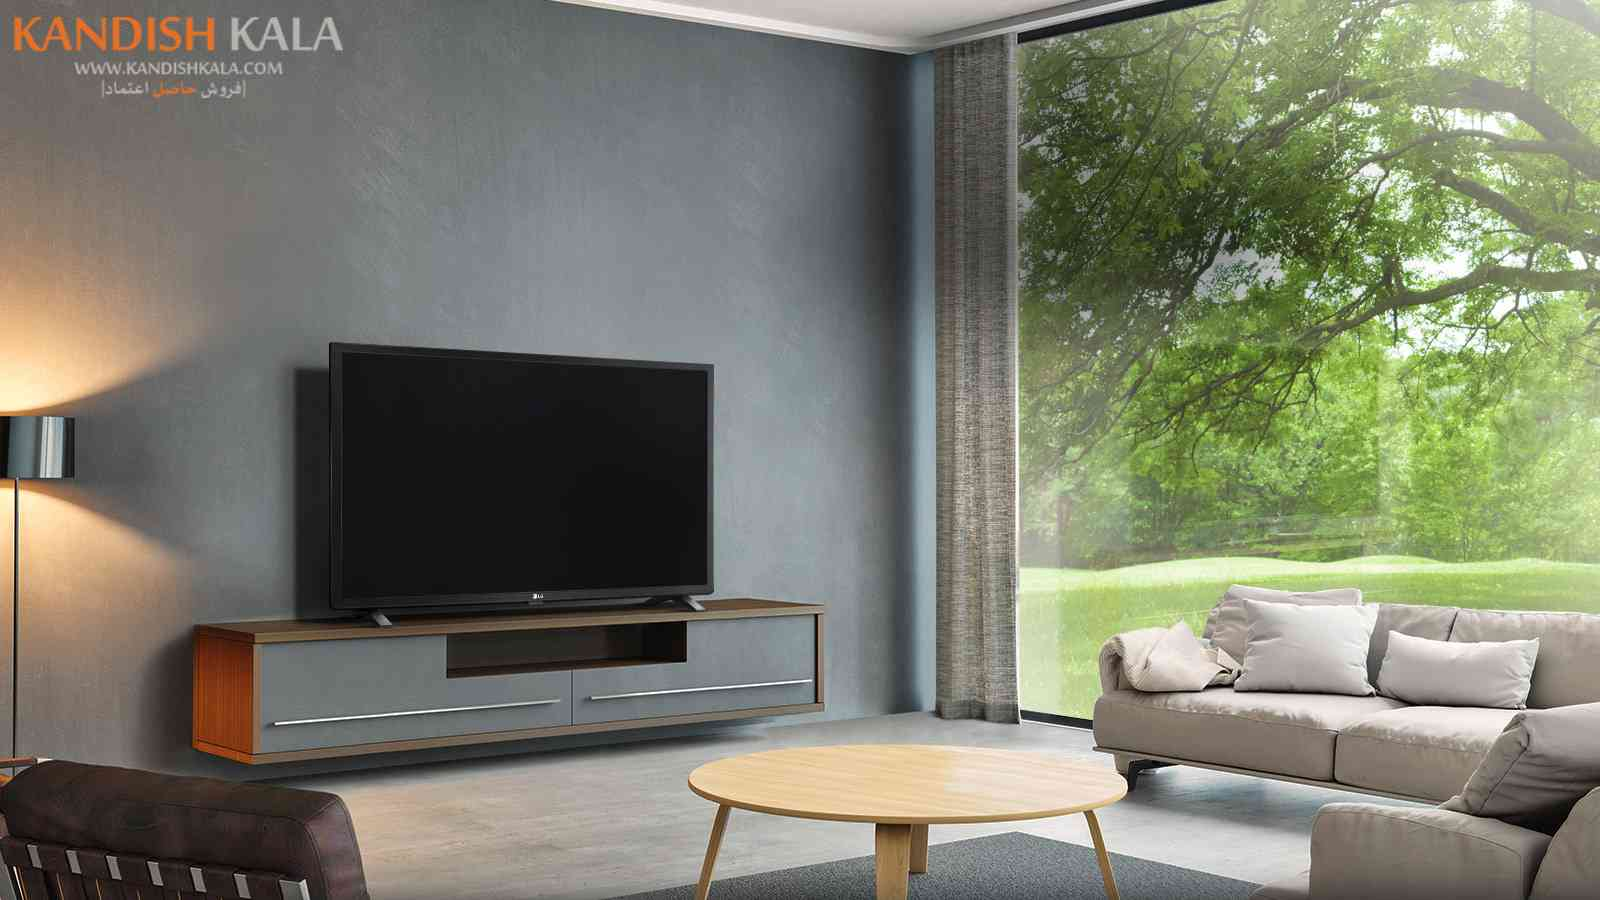 قیمت تلویزیون ال جی مدل 43LM6300